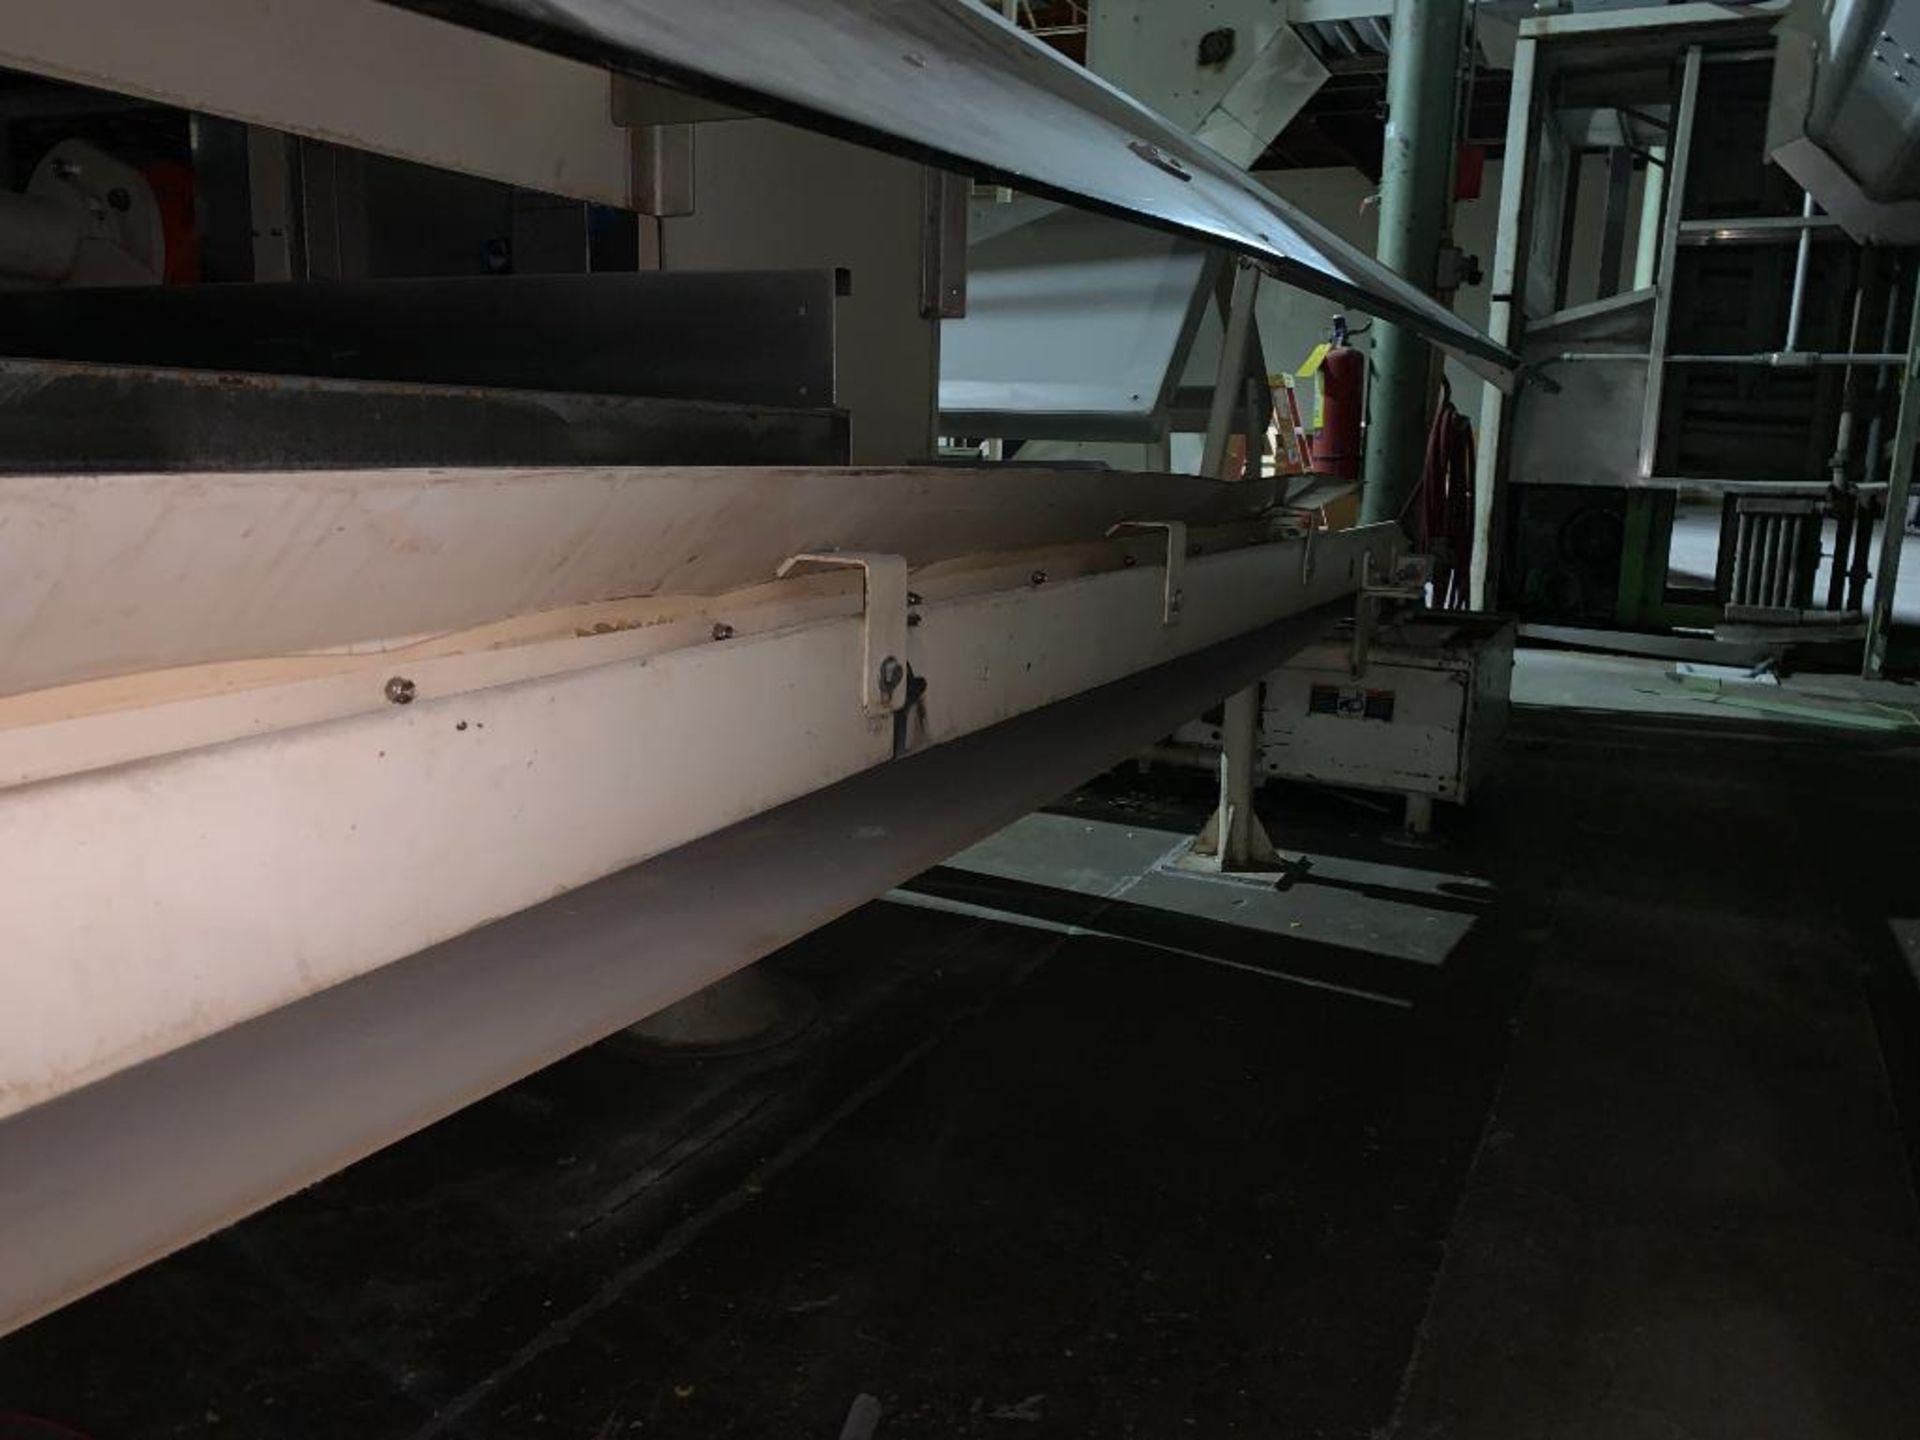 mild steel belt conveyor - Image 5 of 9